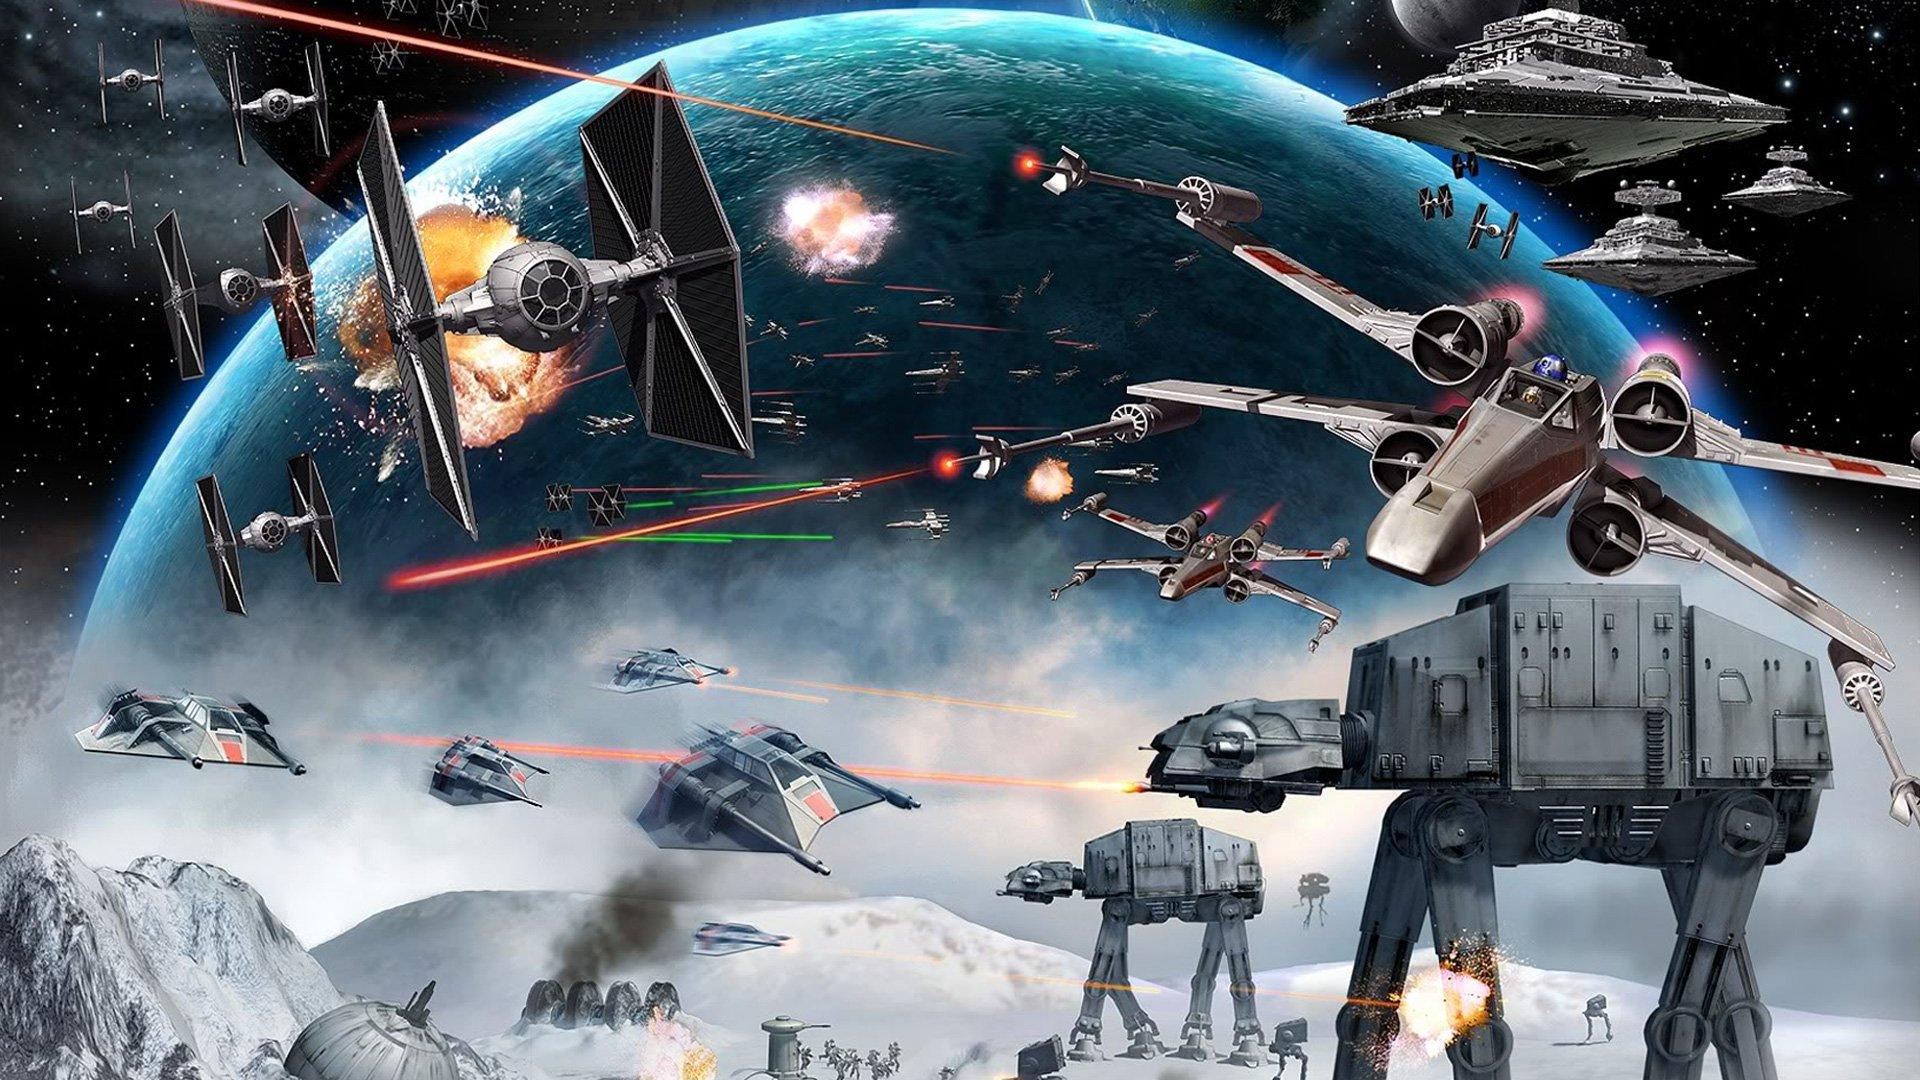 Star Wars Wallpaper Widescreen Epic Wallpaperz